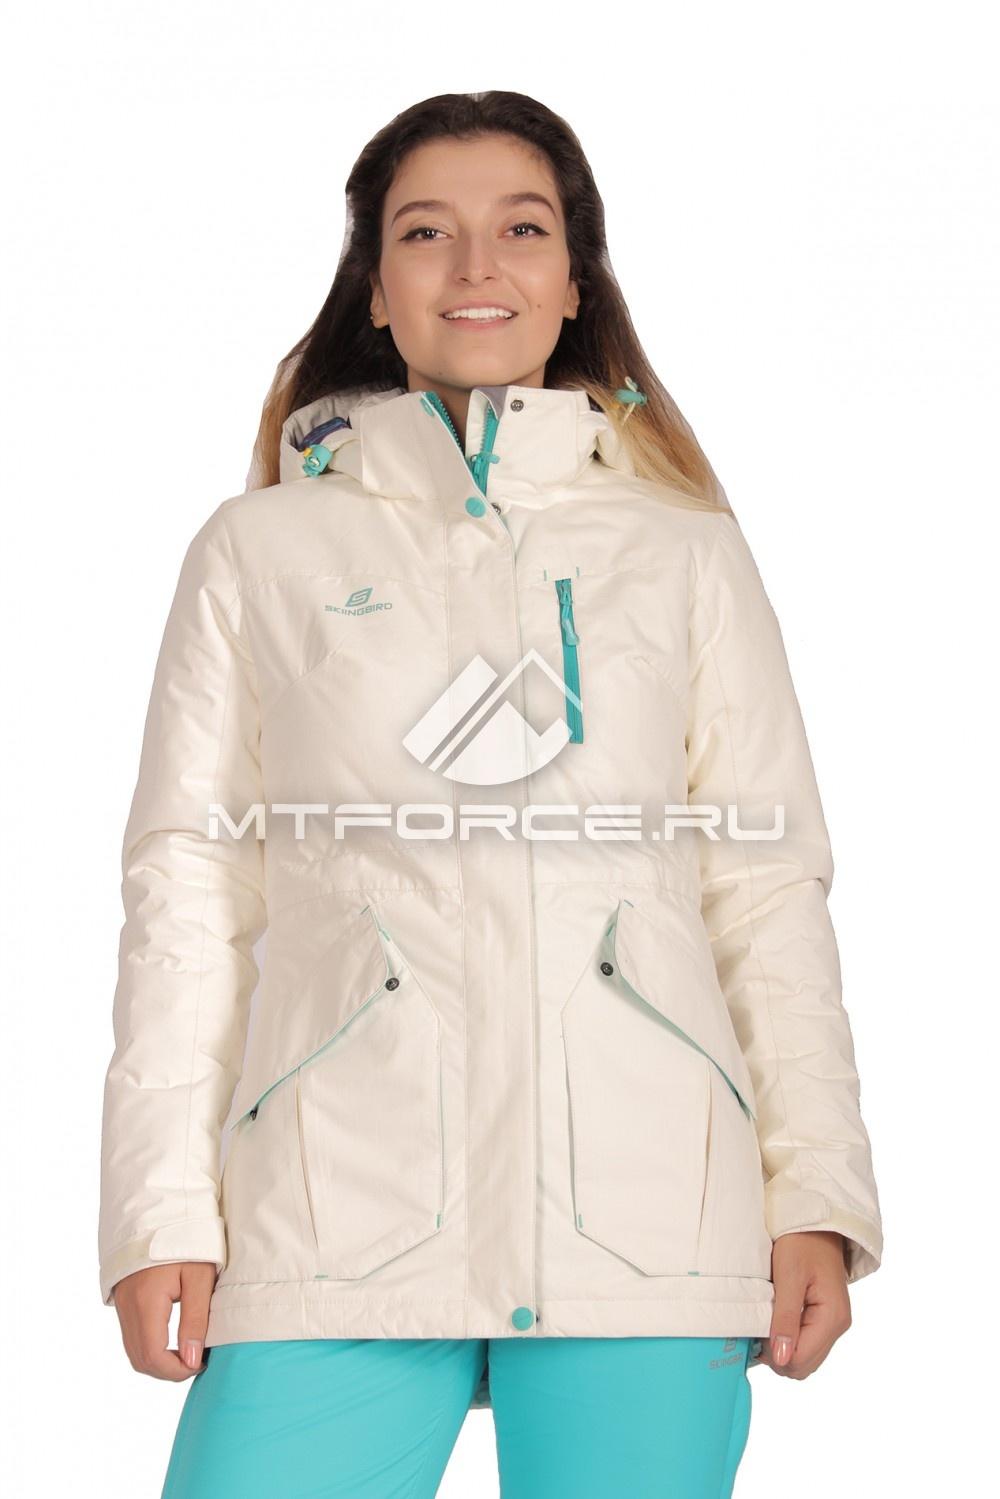 Купить                                  оптом Куртка демисезонная женская белого цвета 1702Bl в Санкт-Петербурге